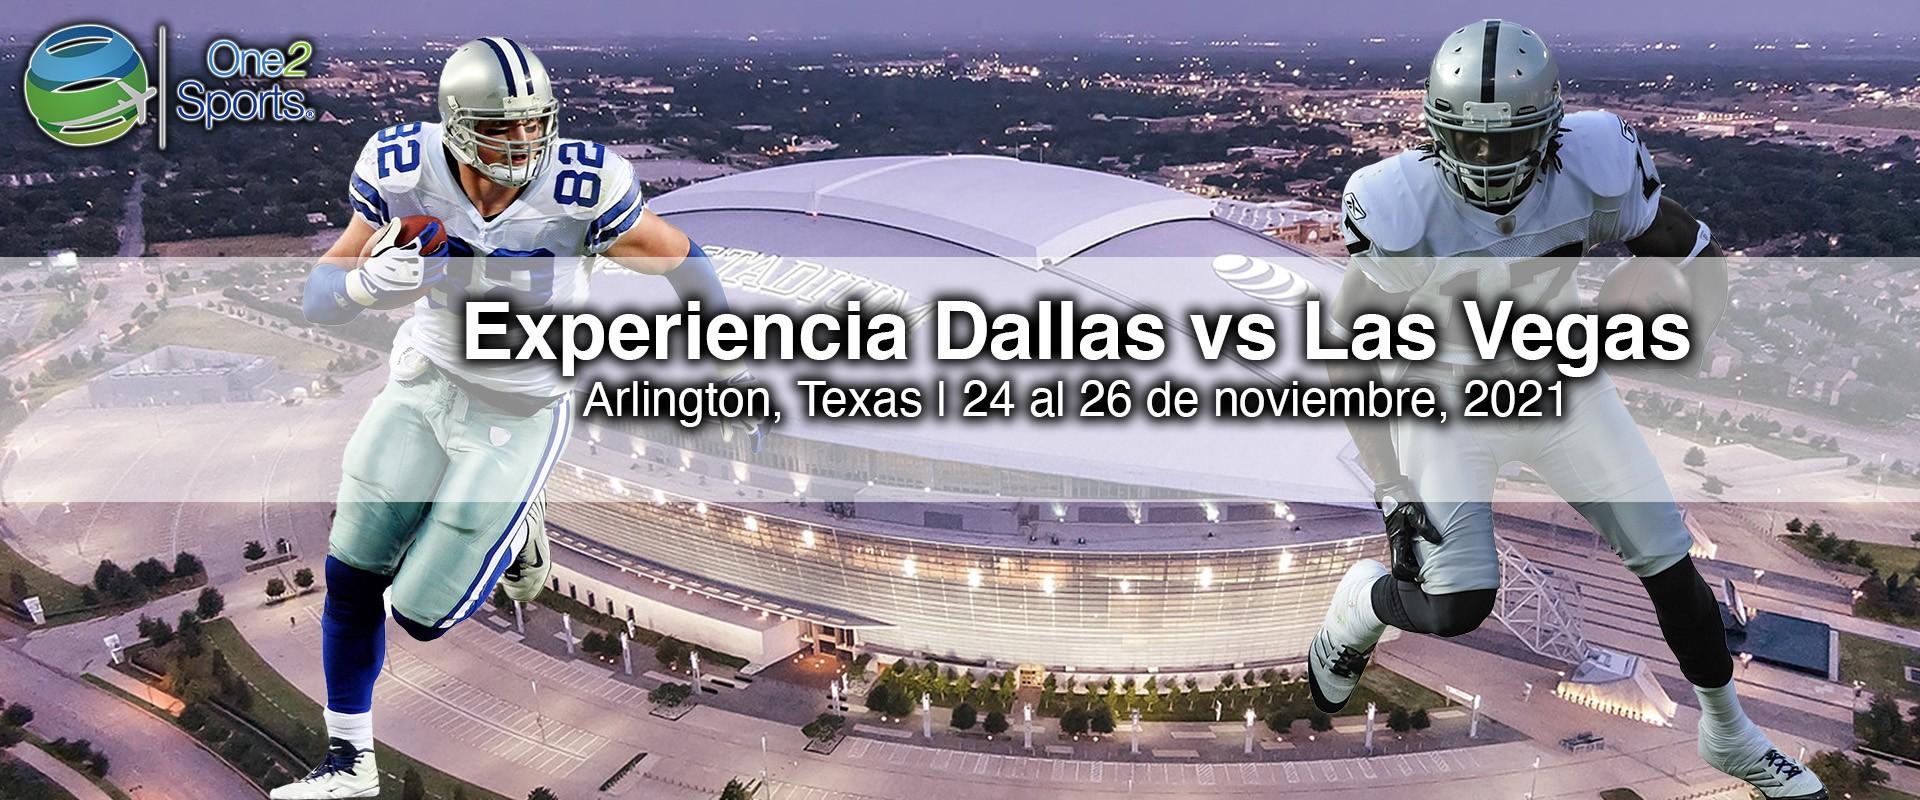 Dallas vs Las Vegas